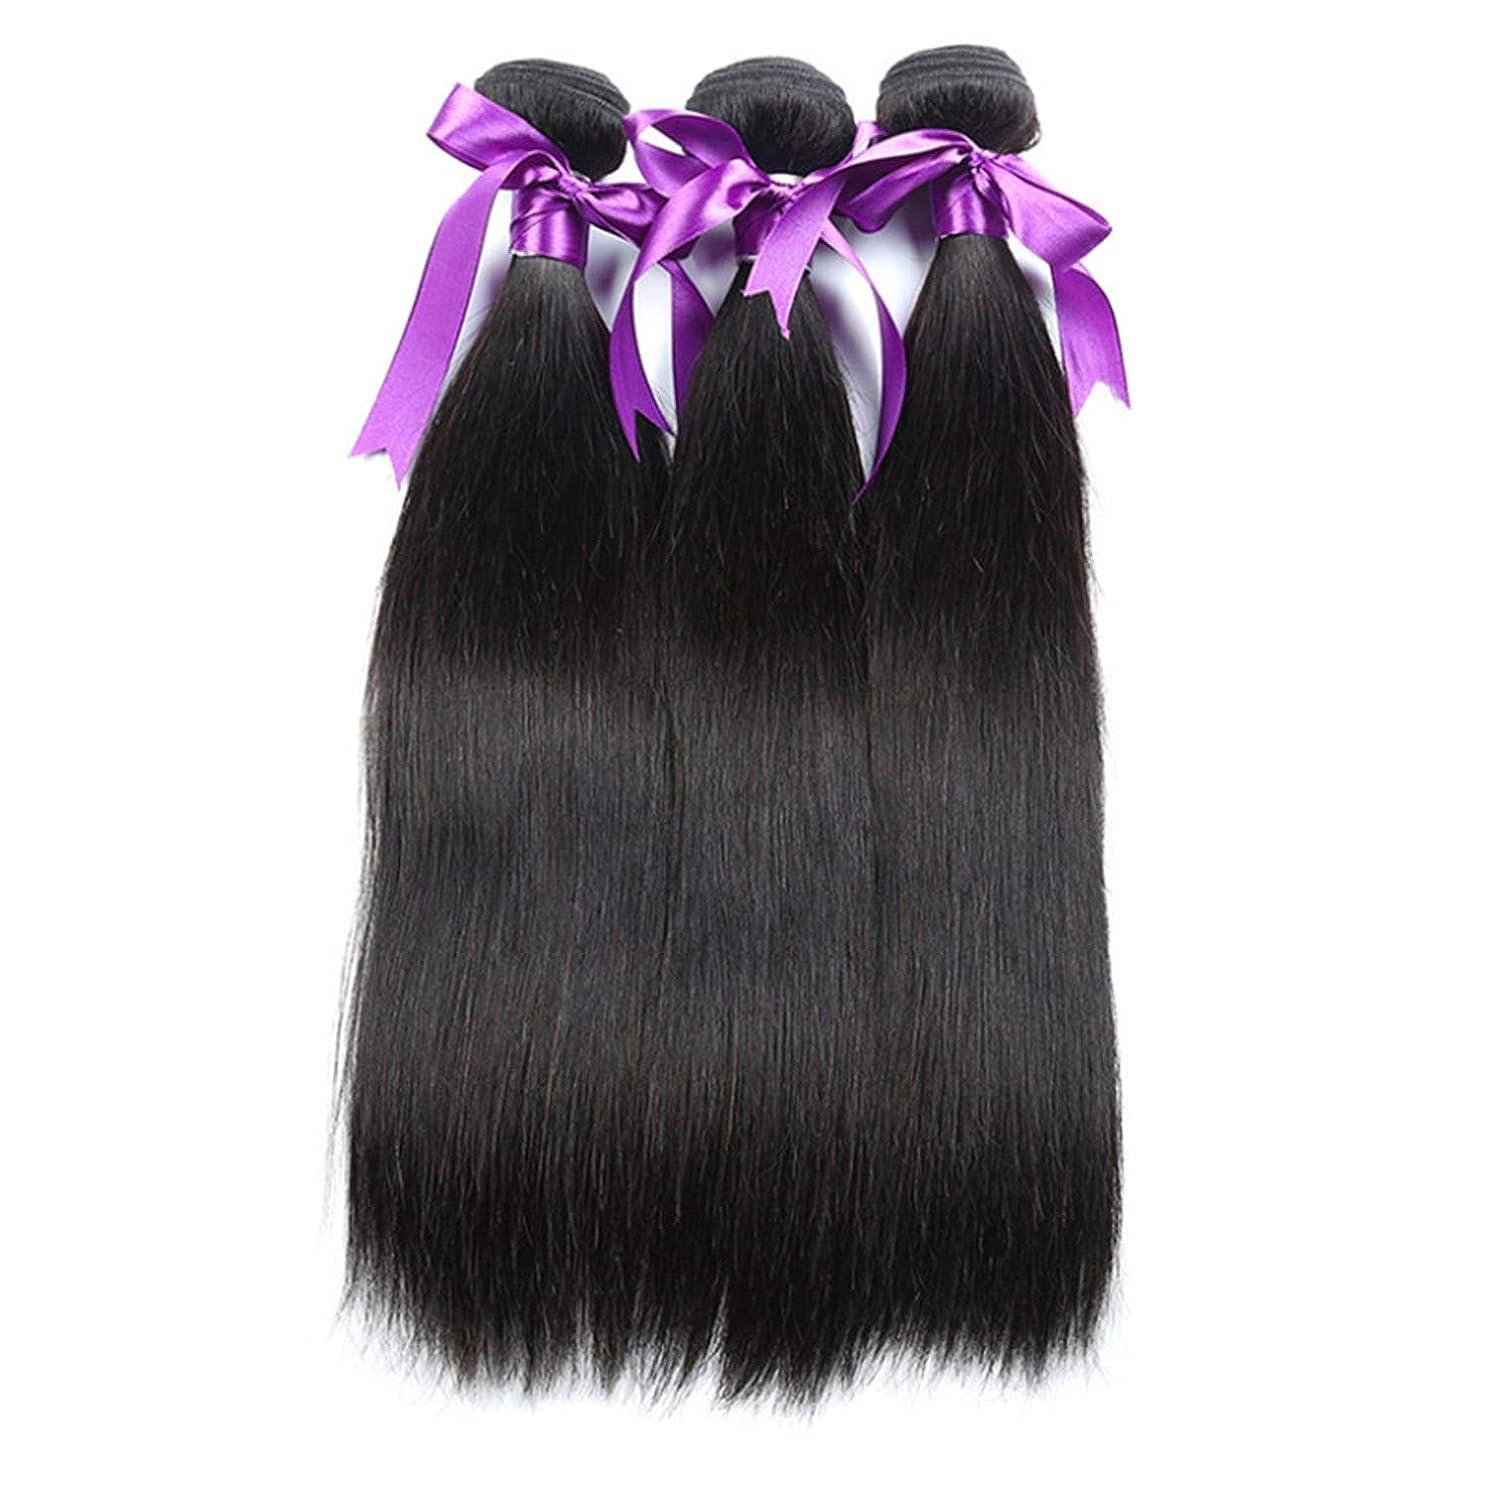 行く貴重な排除するマレーシアストレートヘアバンドル8-28インチ100%人毛織りレミー髪3ピース髪バンドル かつら (Stretched Length : 20 20 20)